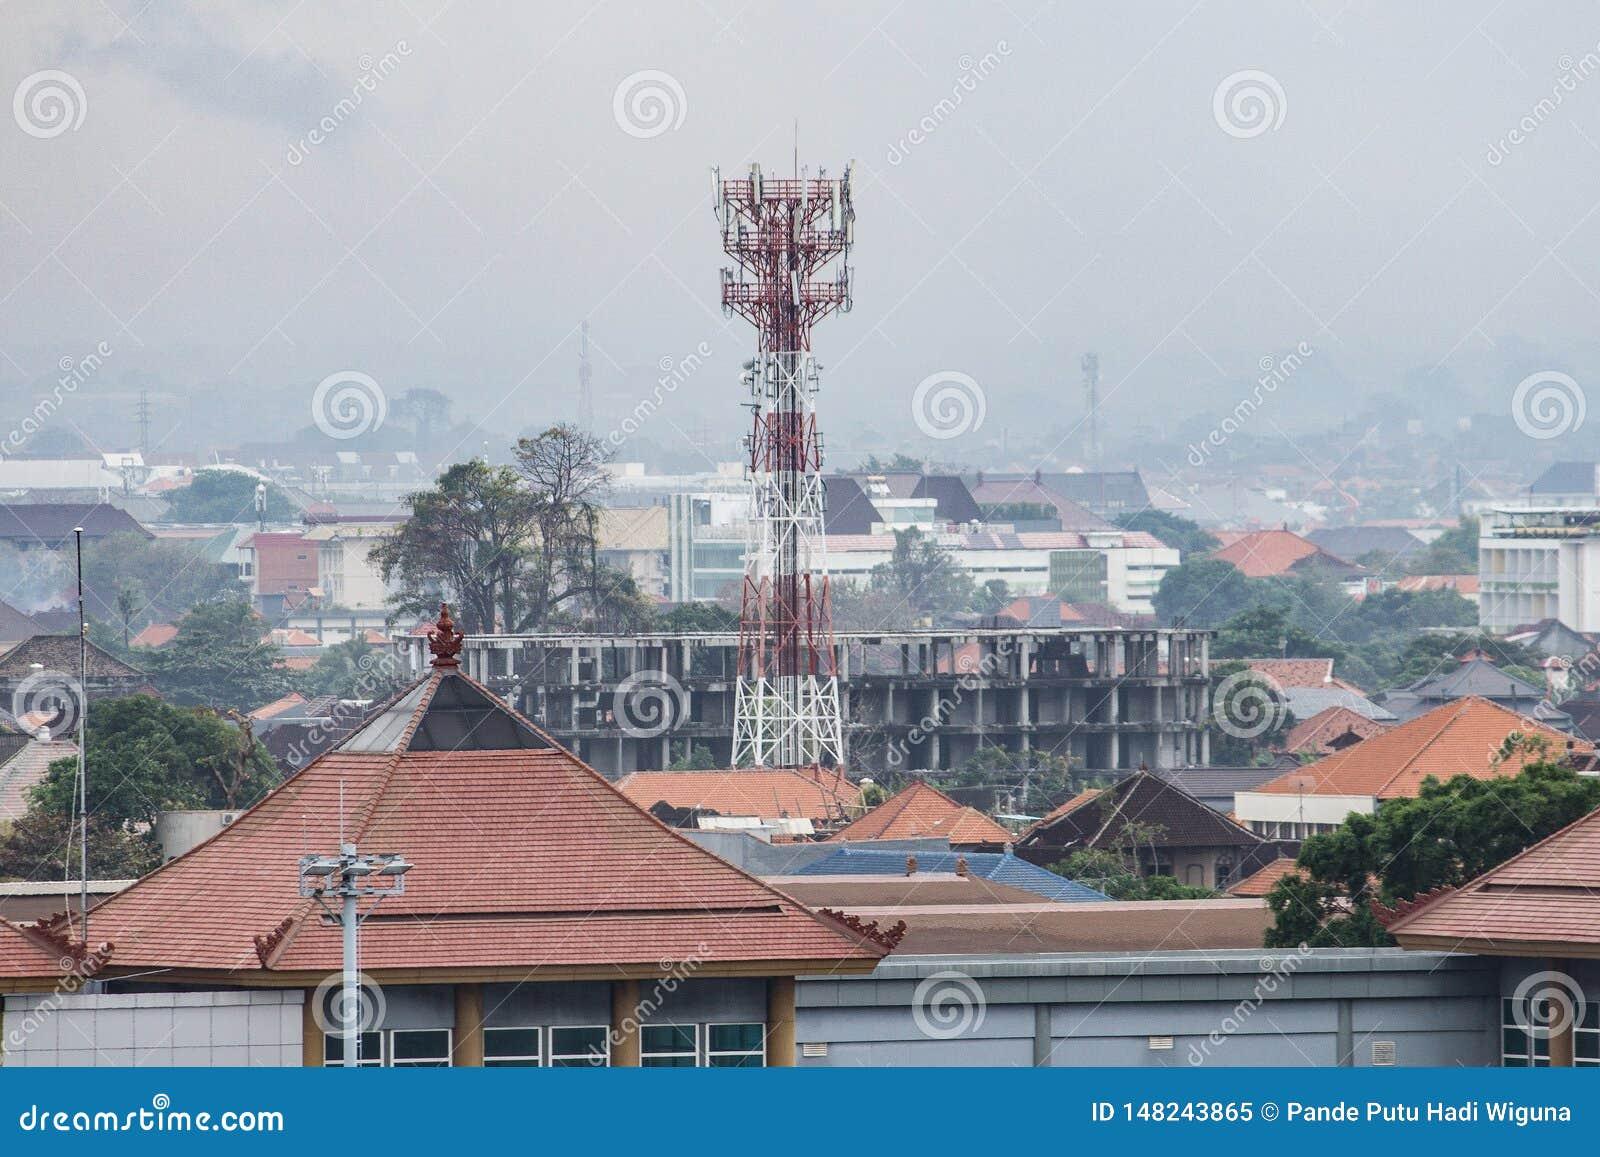 BADUNG, BALI/INDONESIA: Башня радиосвязей расположенная в Бали, смотрит более высоко чем окружающие здания